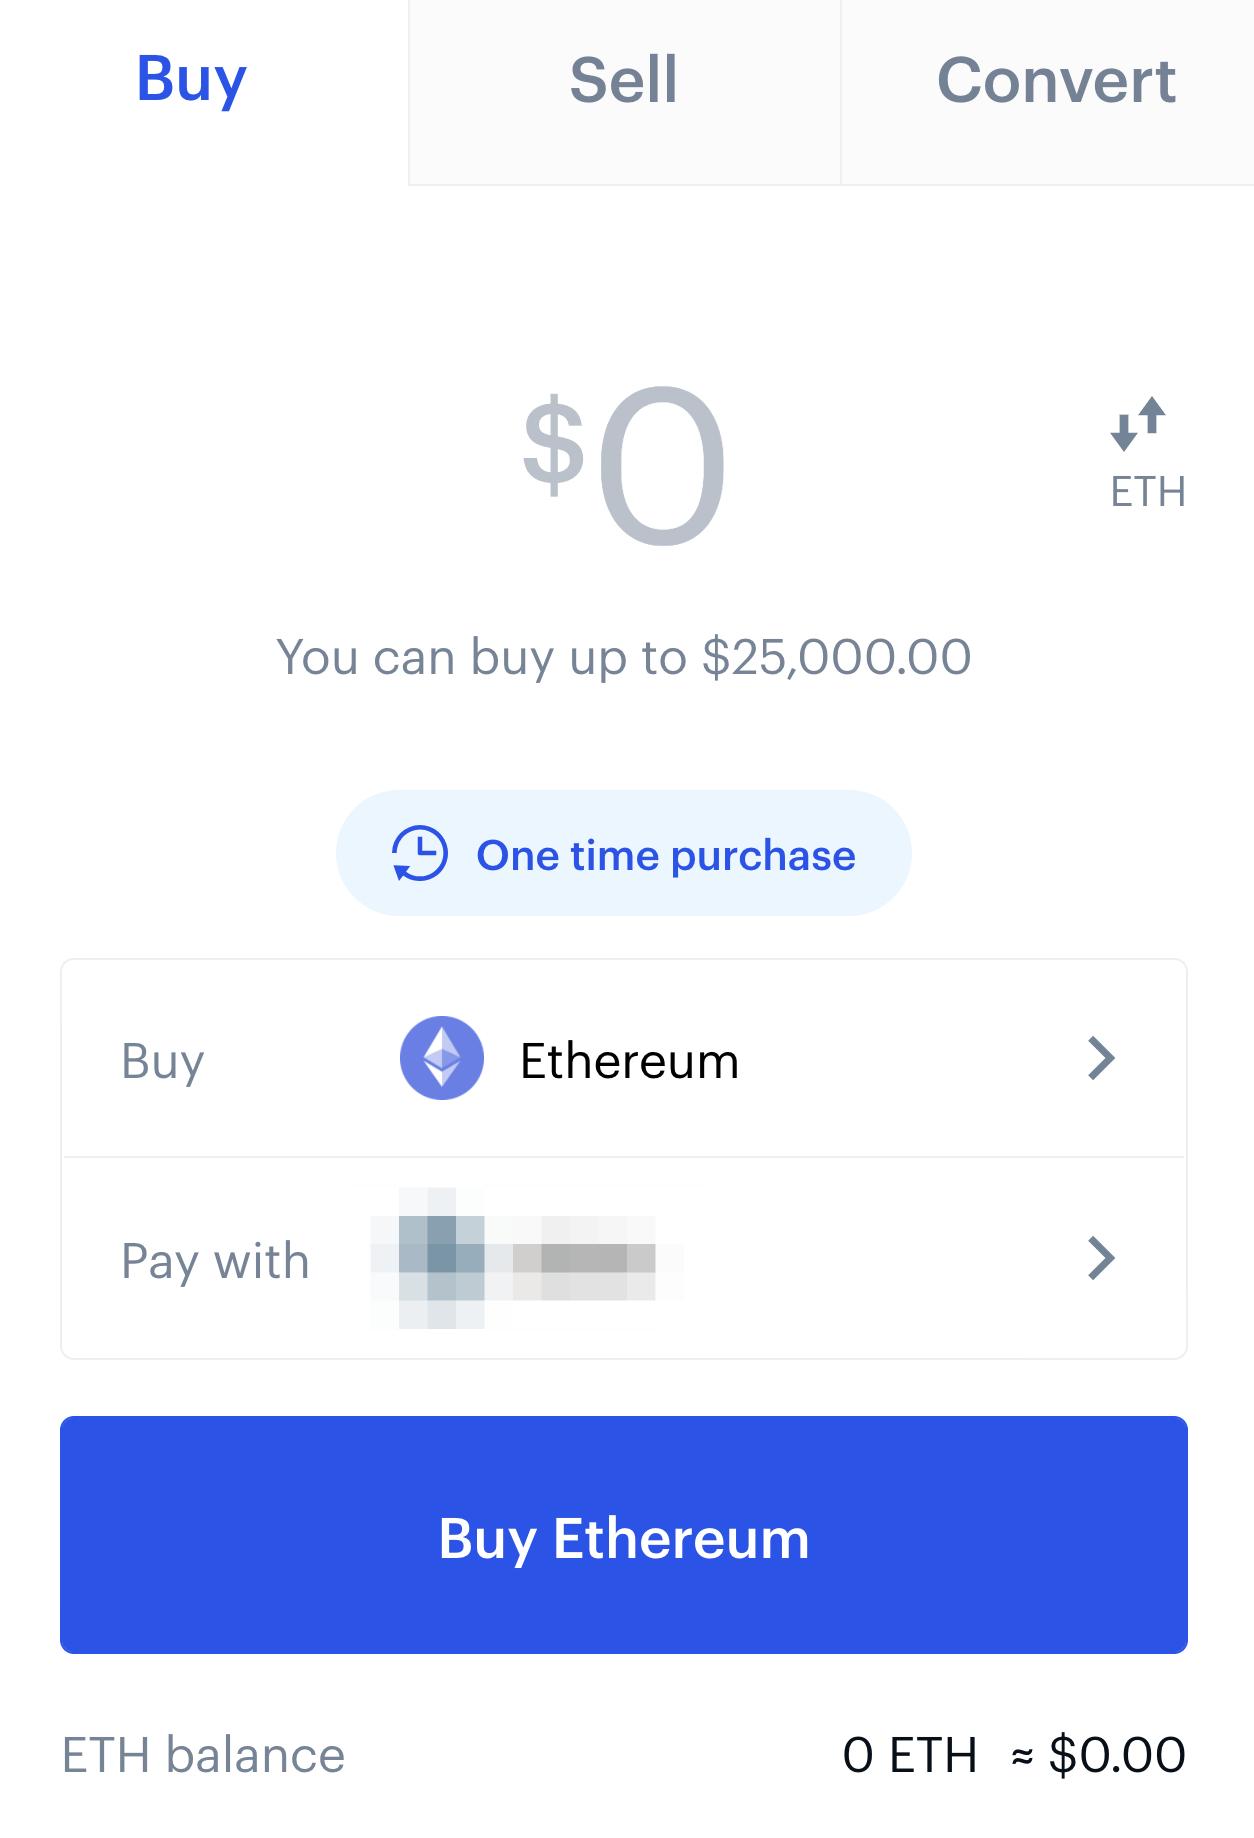 Coinbase buy ticket screen